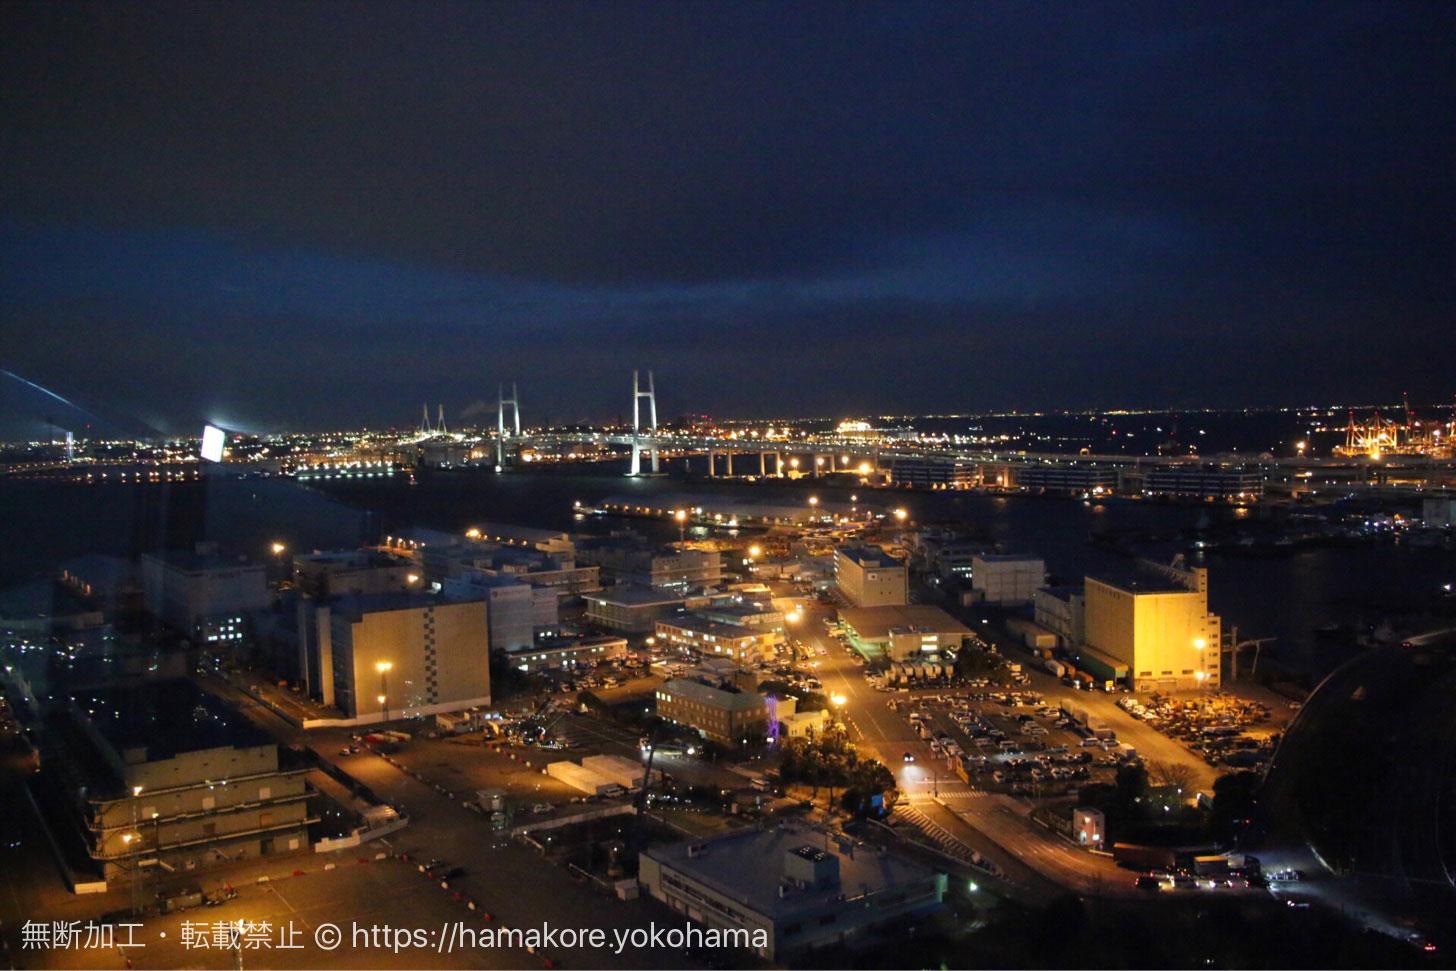 横浜マリンタワーから見た夜景 横浜ベイブリッジ側